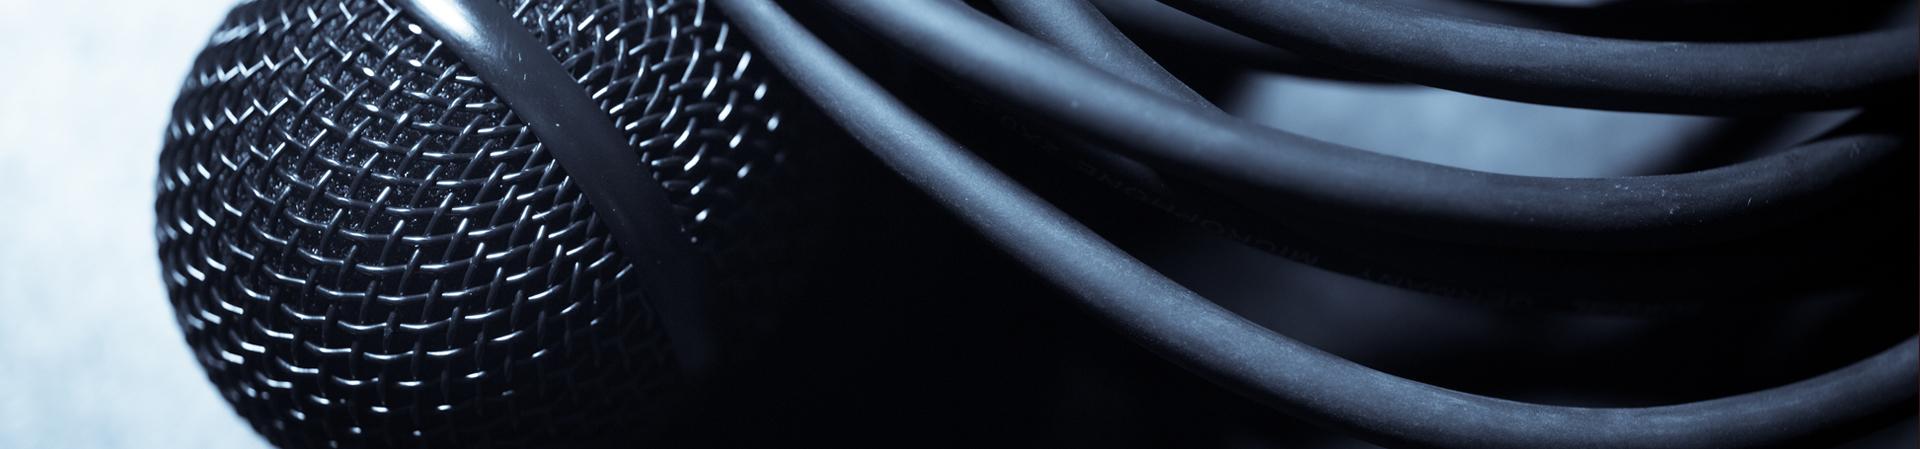 Ses Kabloları